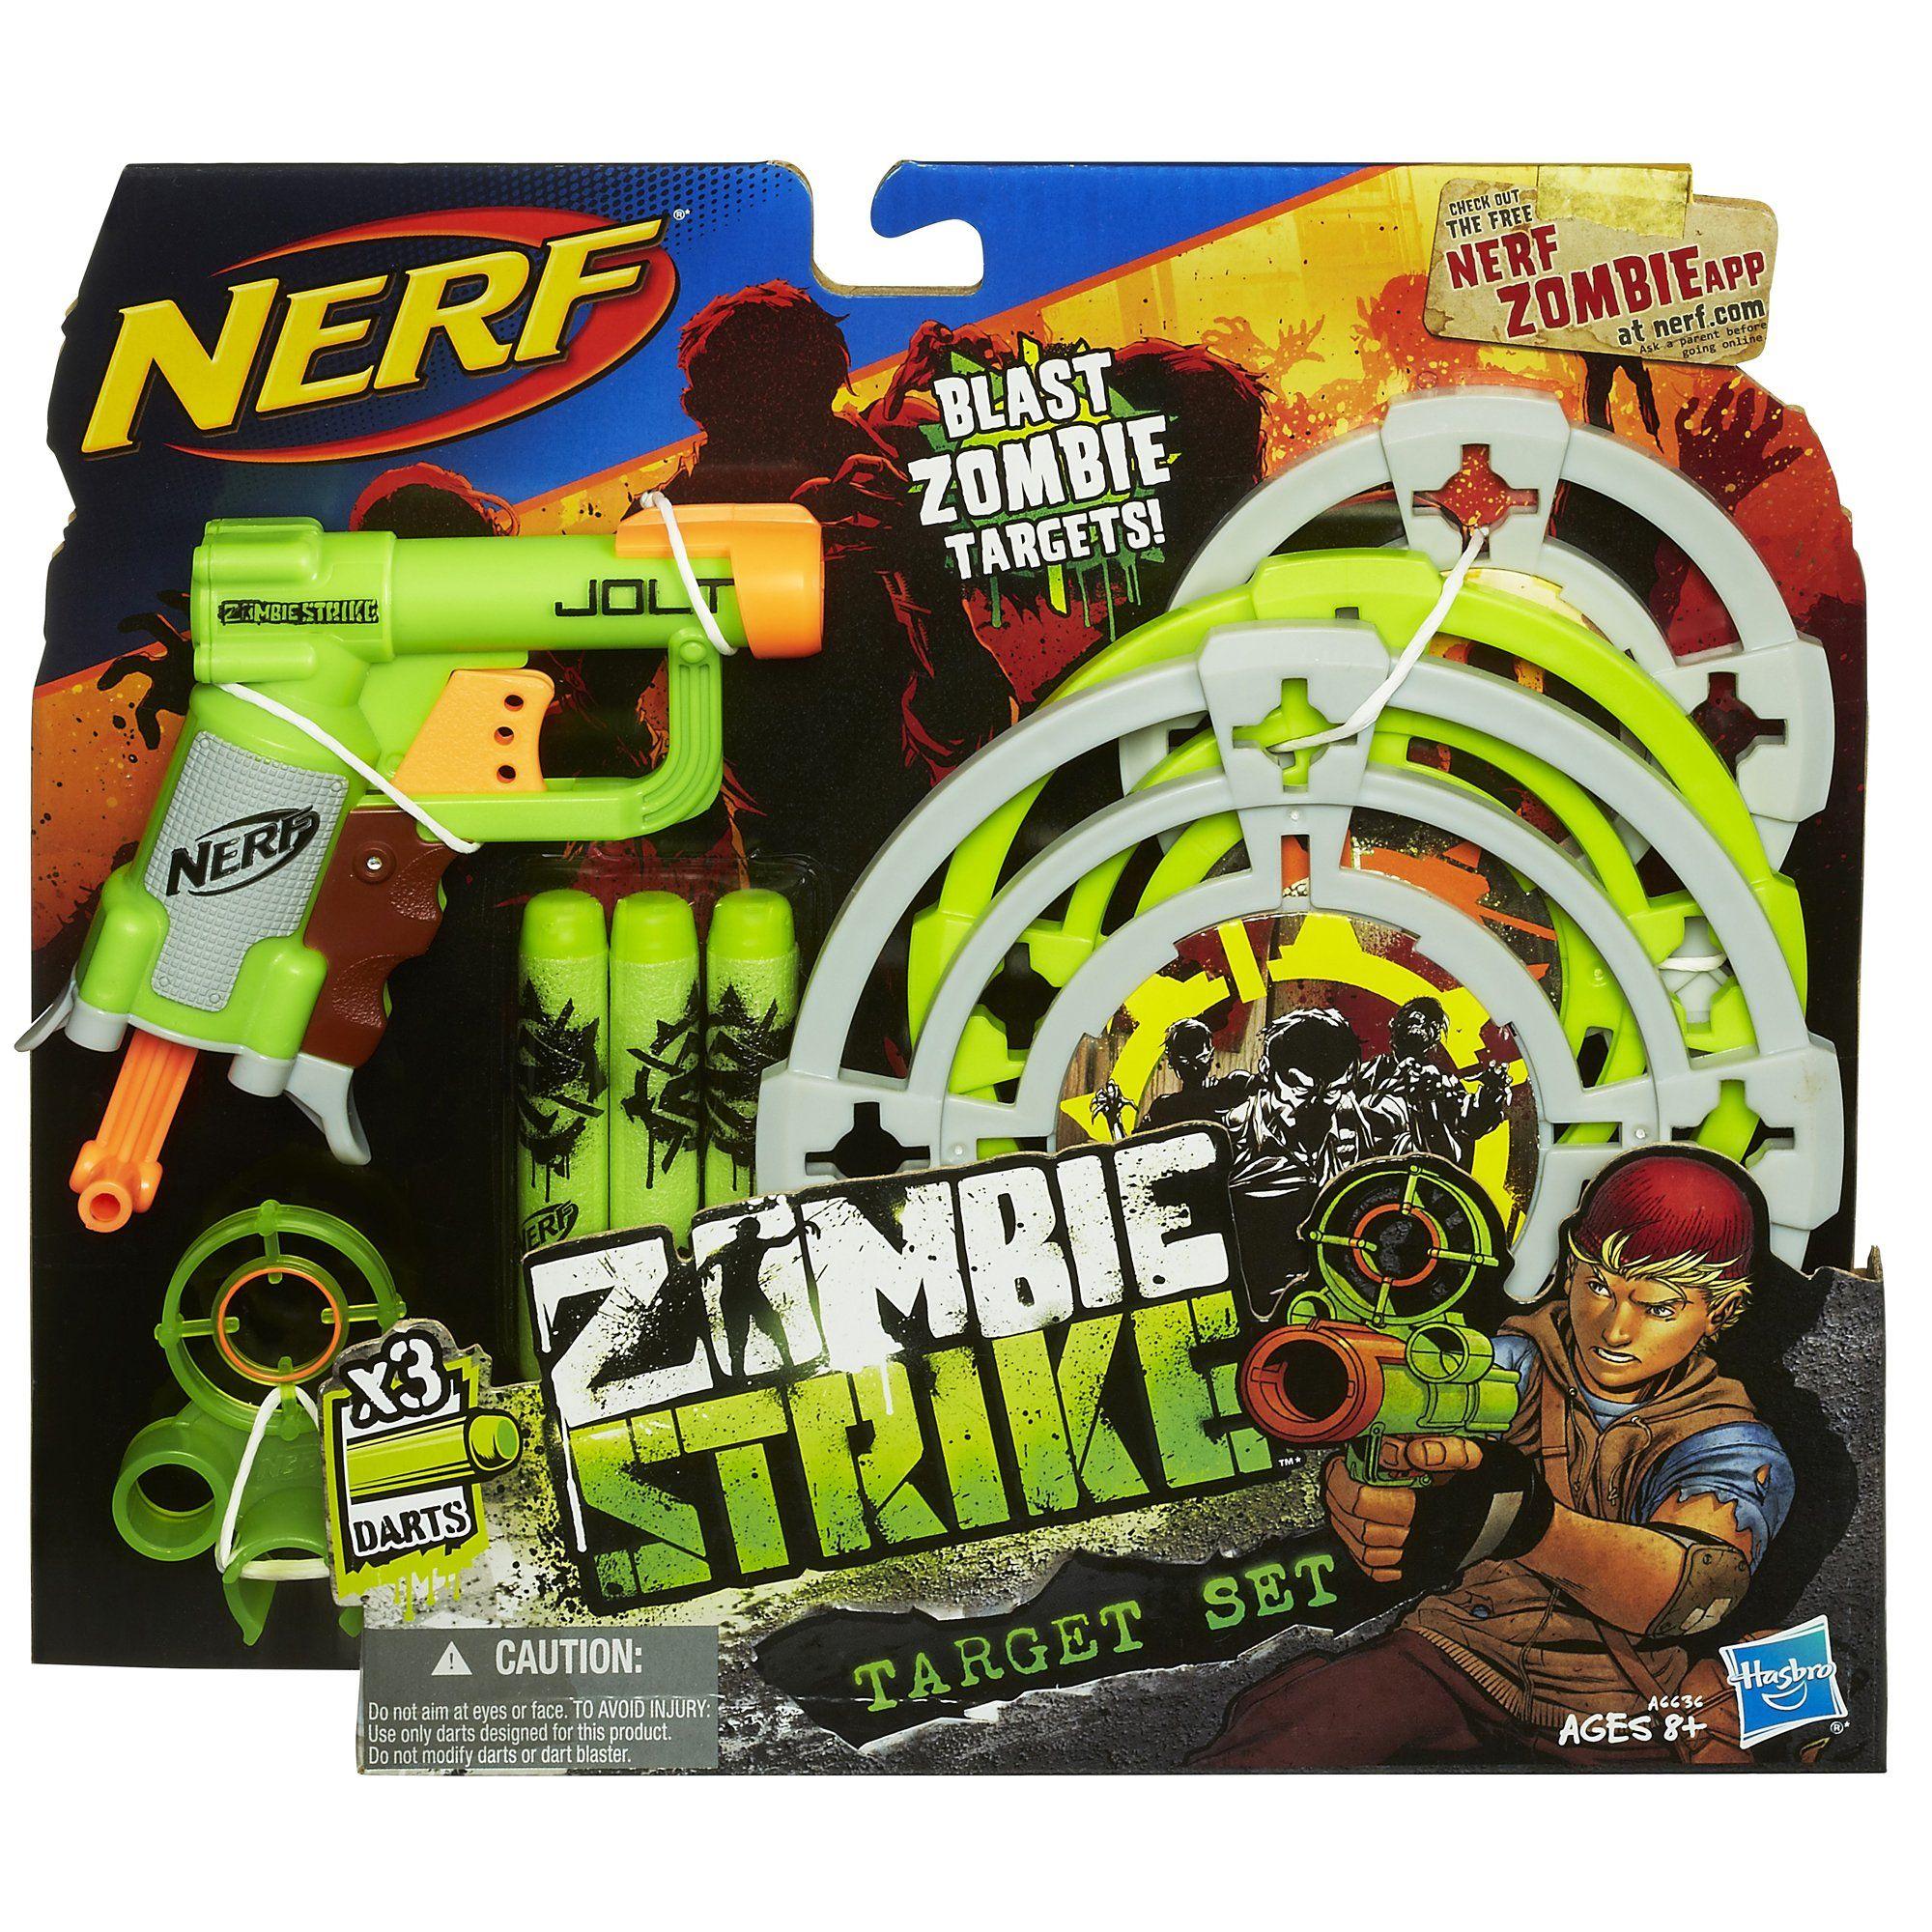 Amazon Nerf Zombie Strike Tar Set Toys & Games